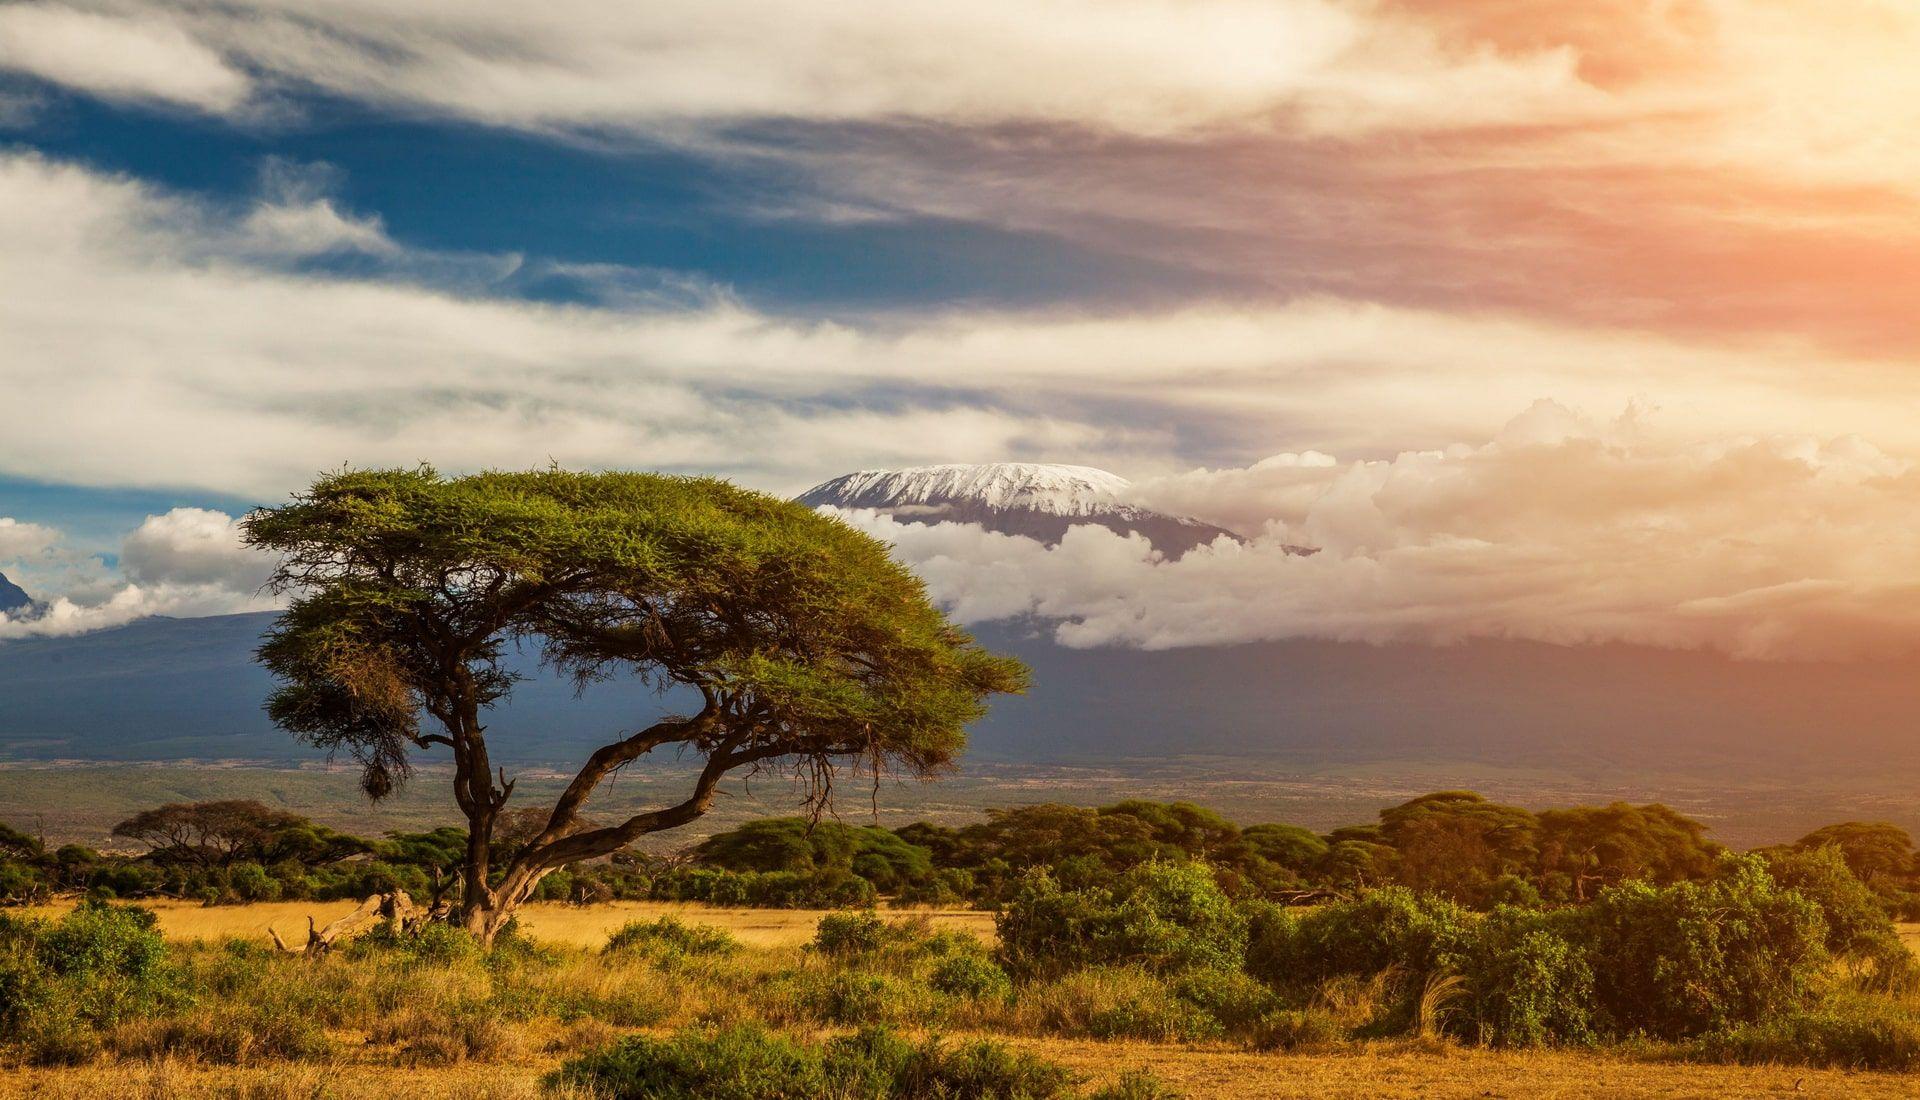 Nyika Discovery - Tanzania Treks and tours